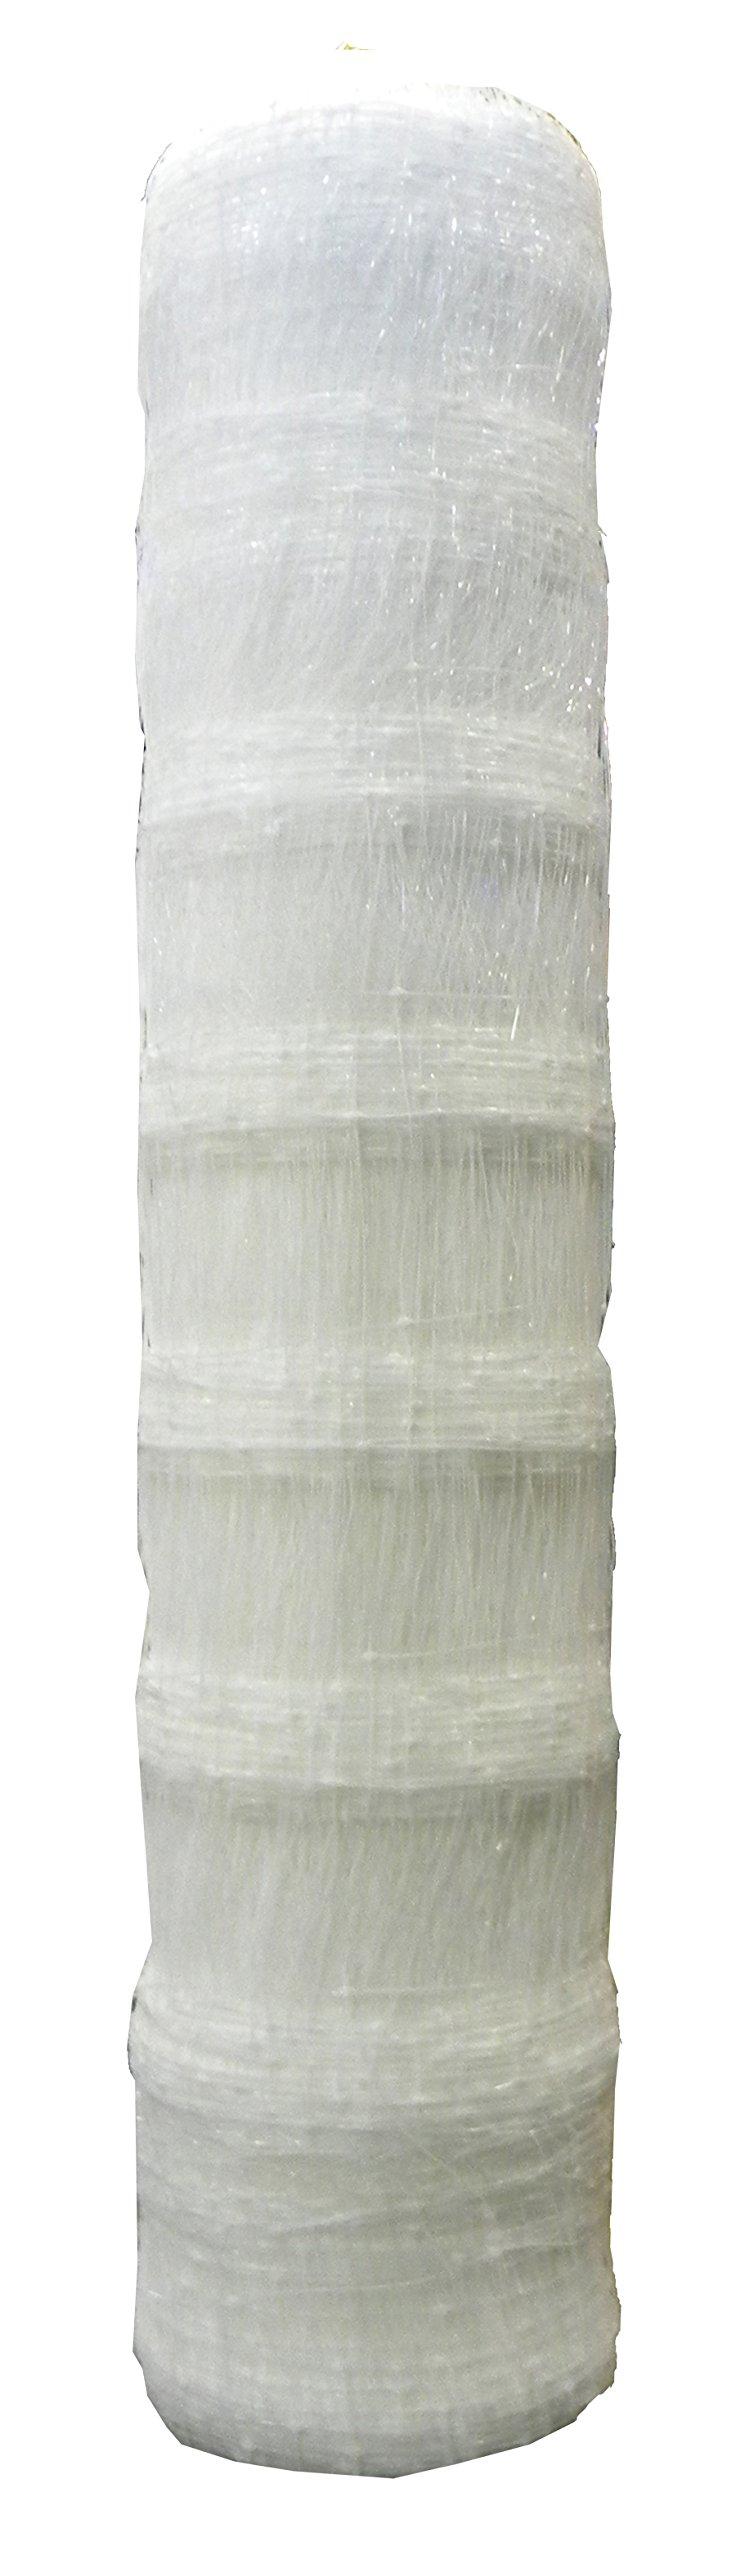 Tenax Hortonova Plant Net, 42-Inch by 3280-Feet by Tenax